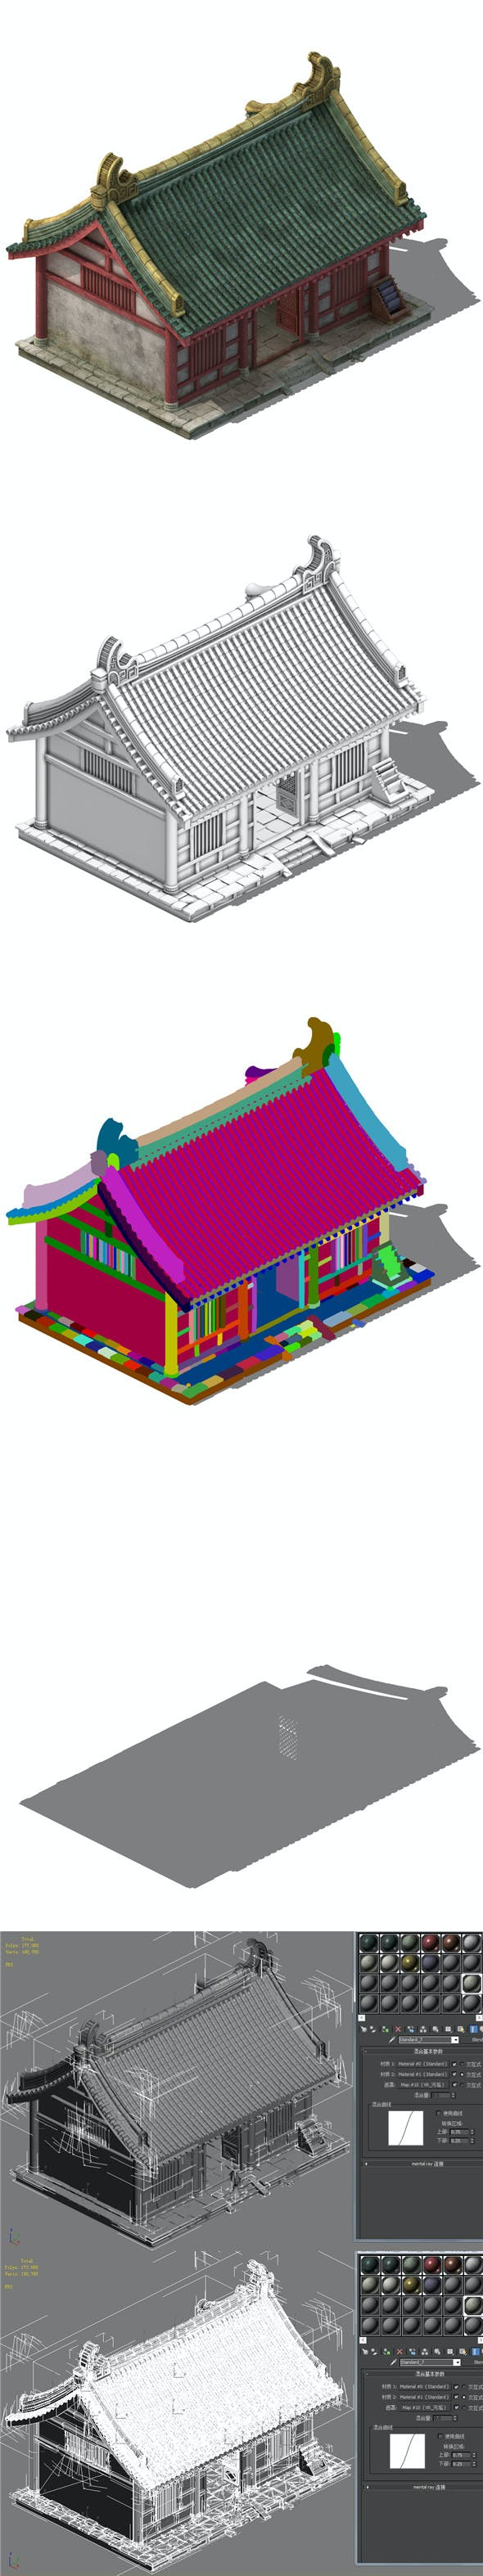 City Building - Shop 032 - 3DOcean Item for Sale